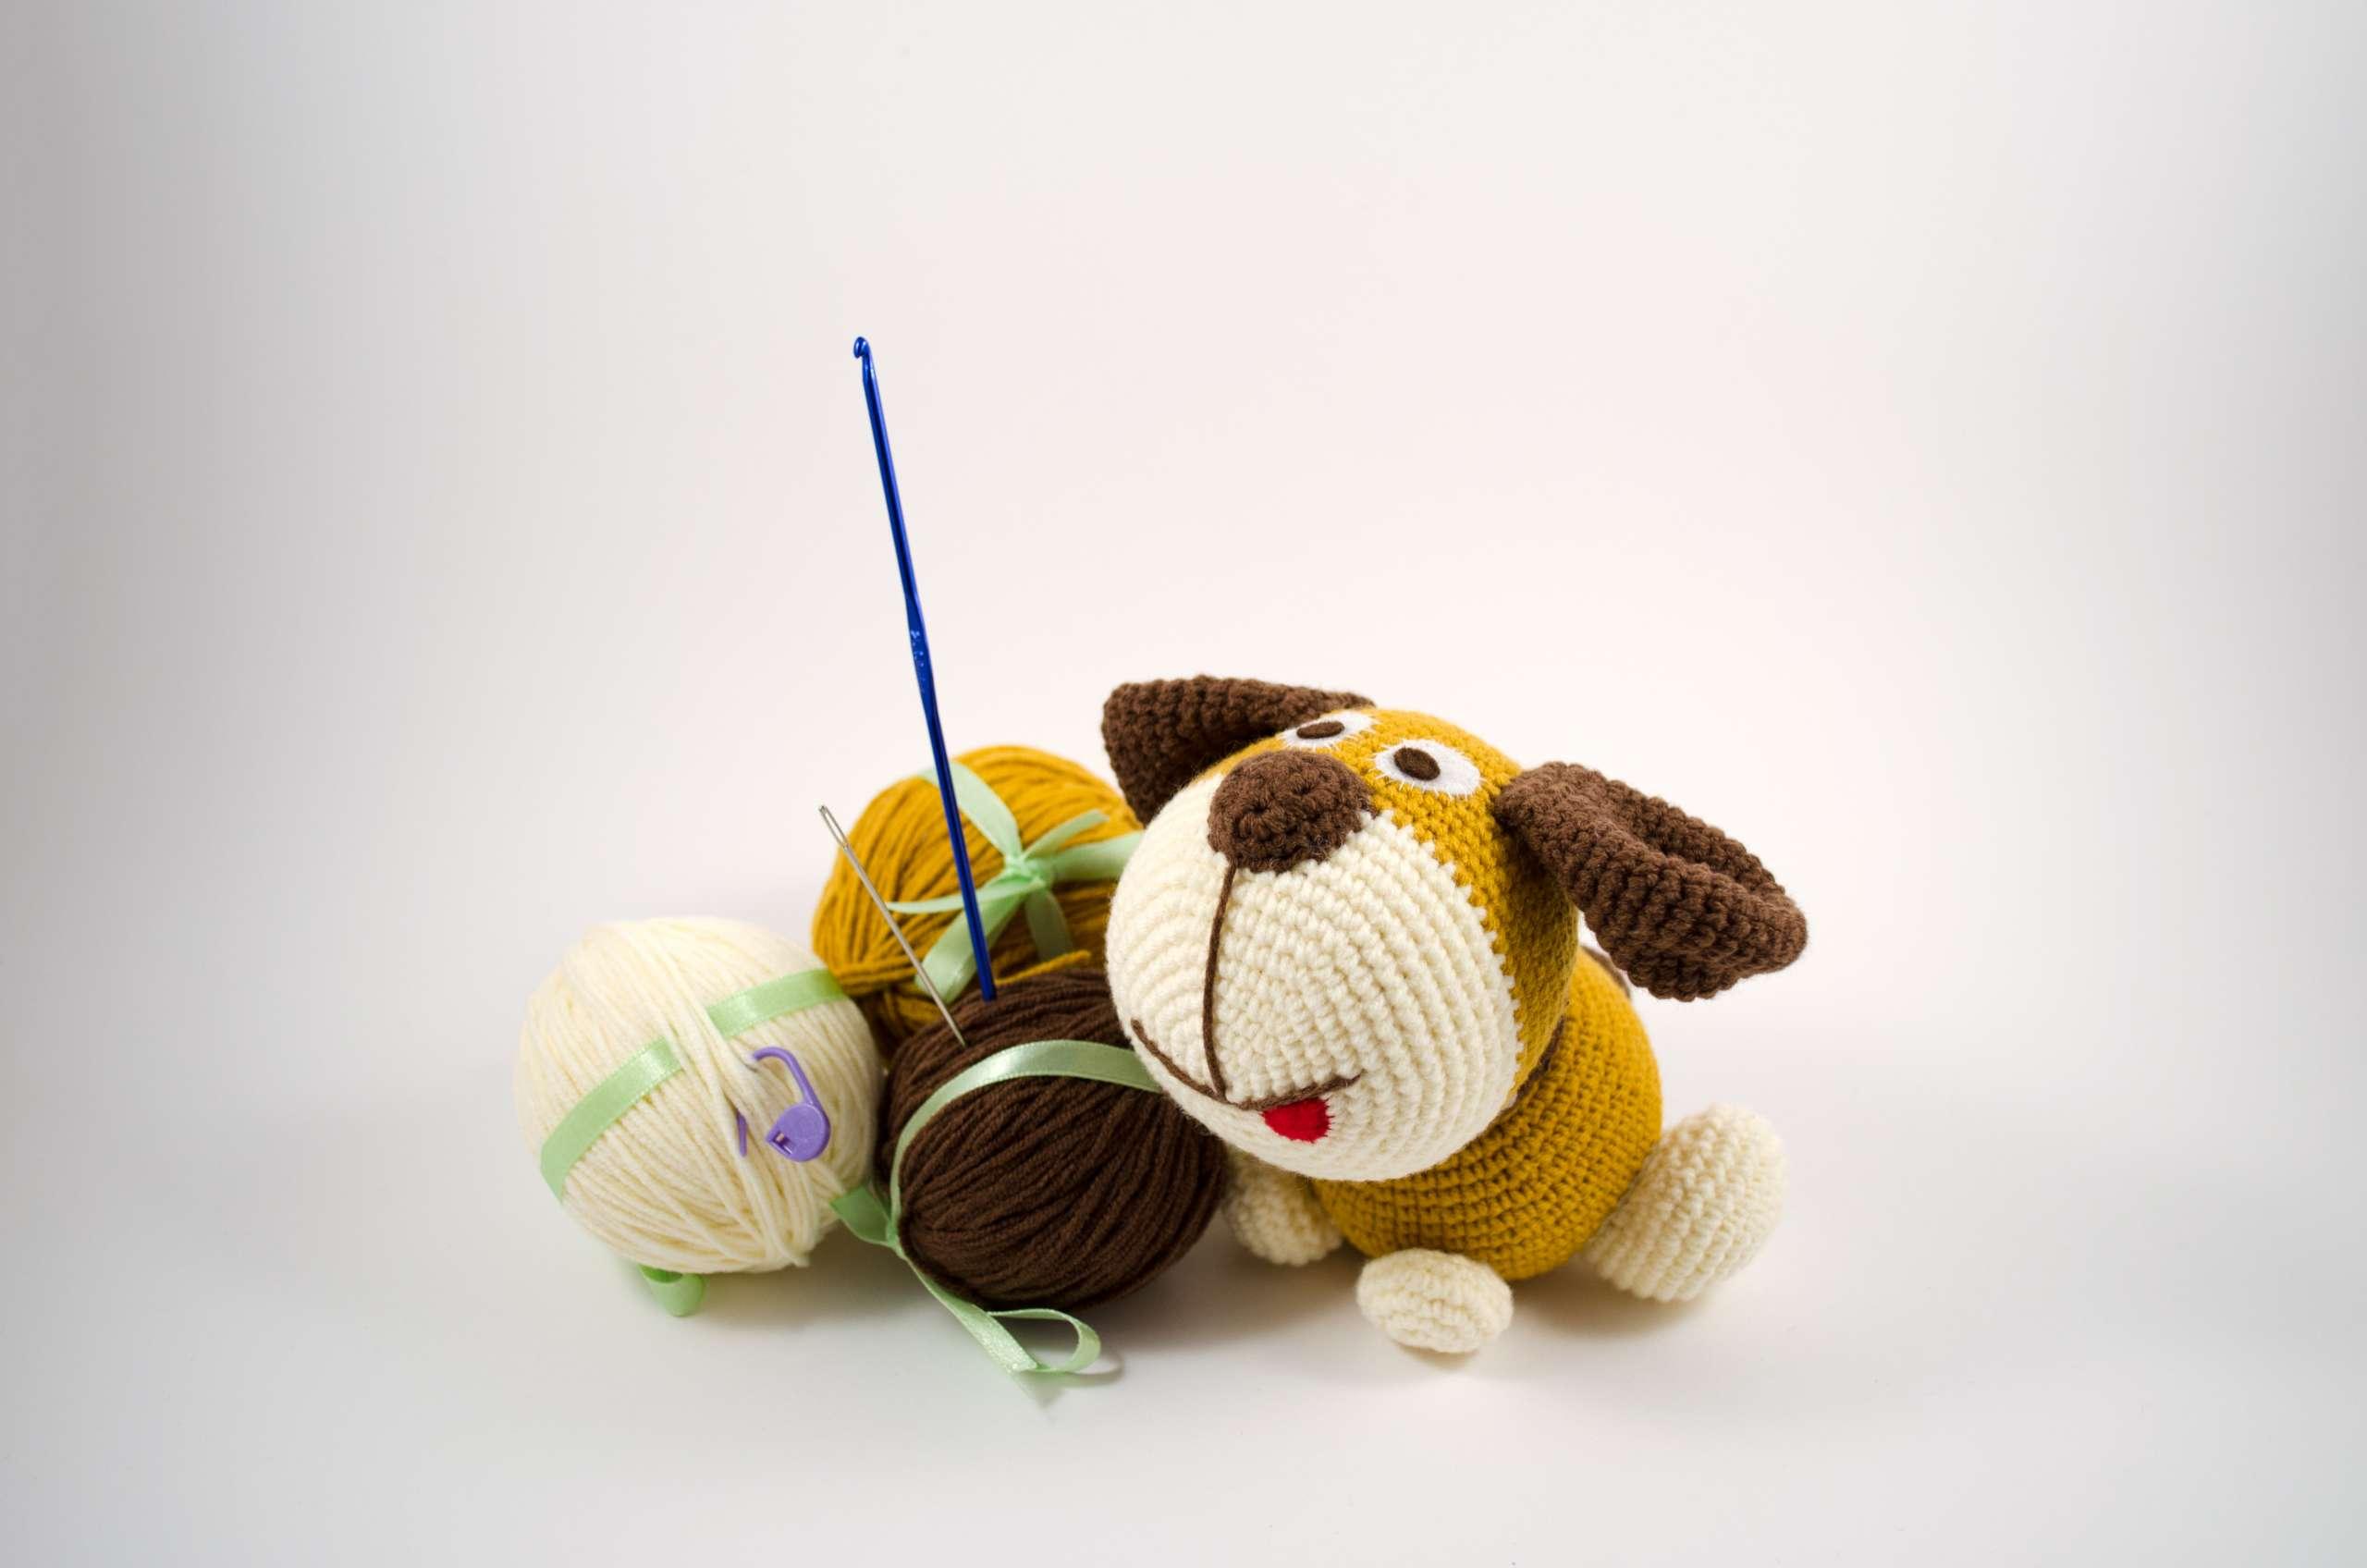 crochet puppy diy kit